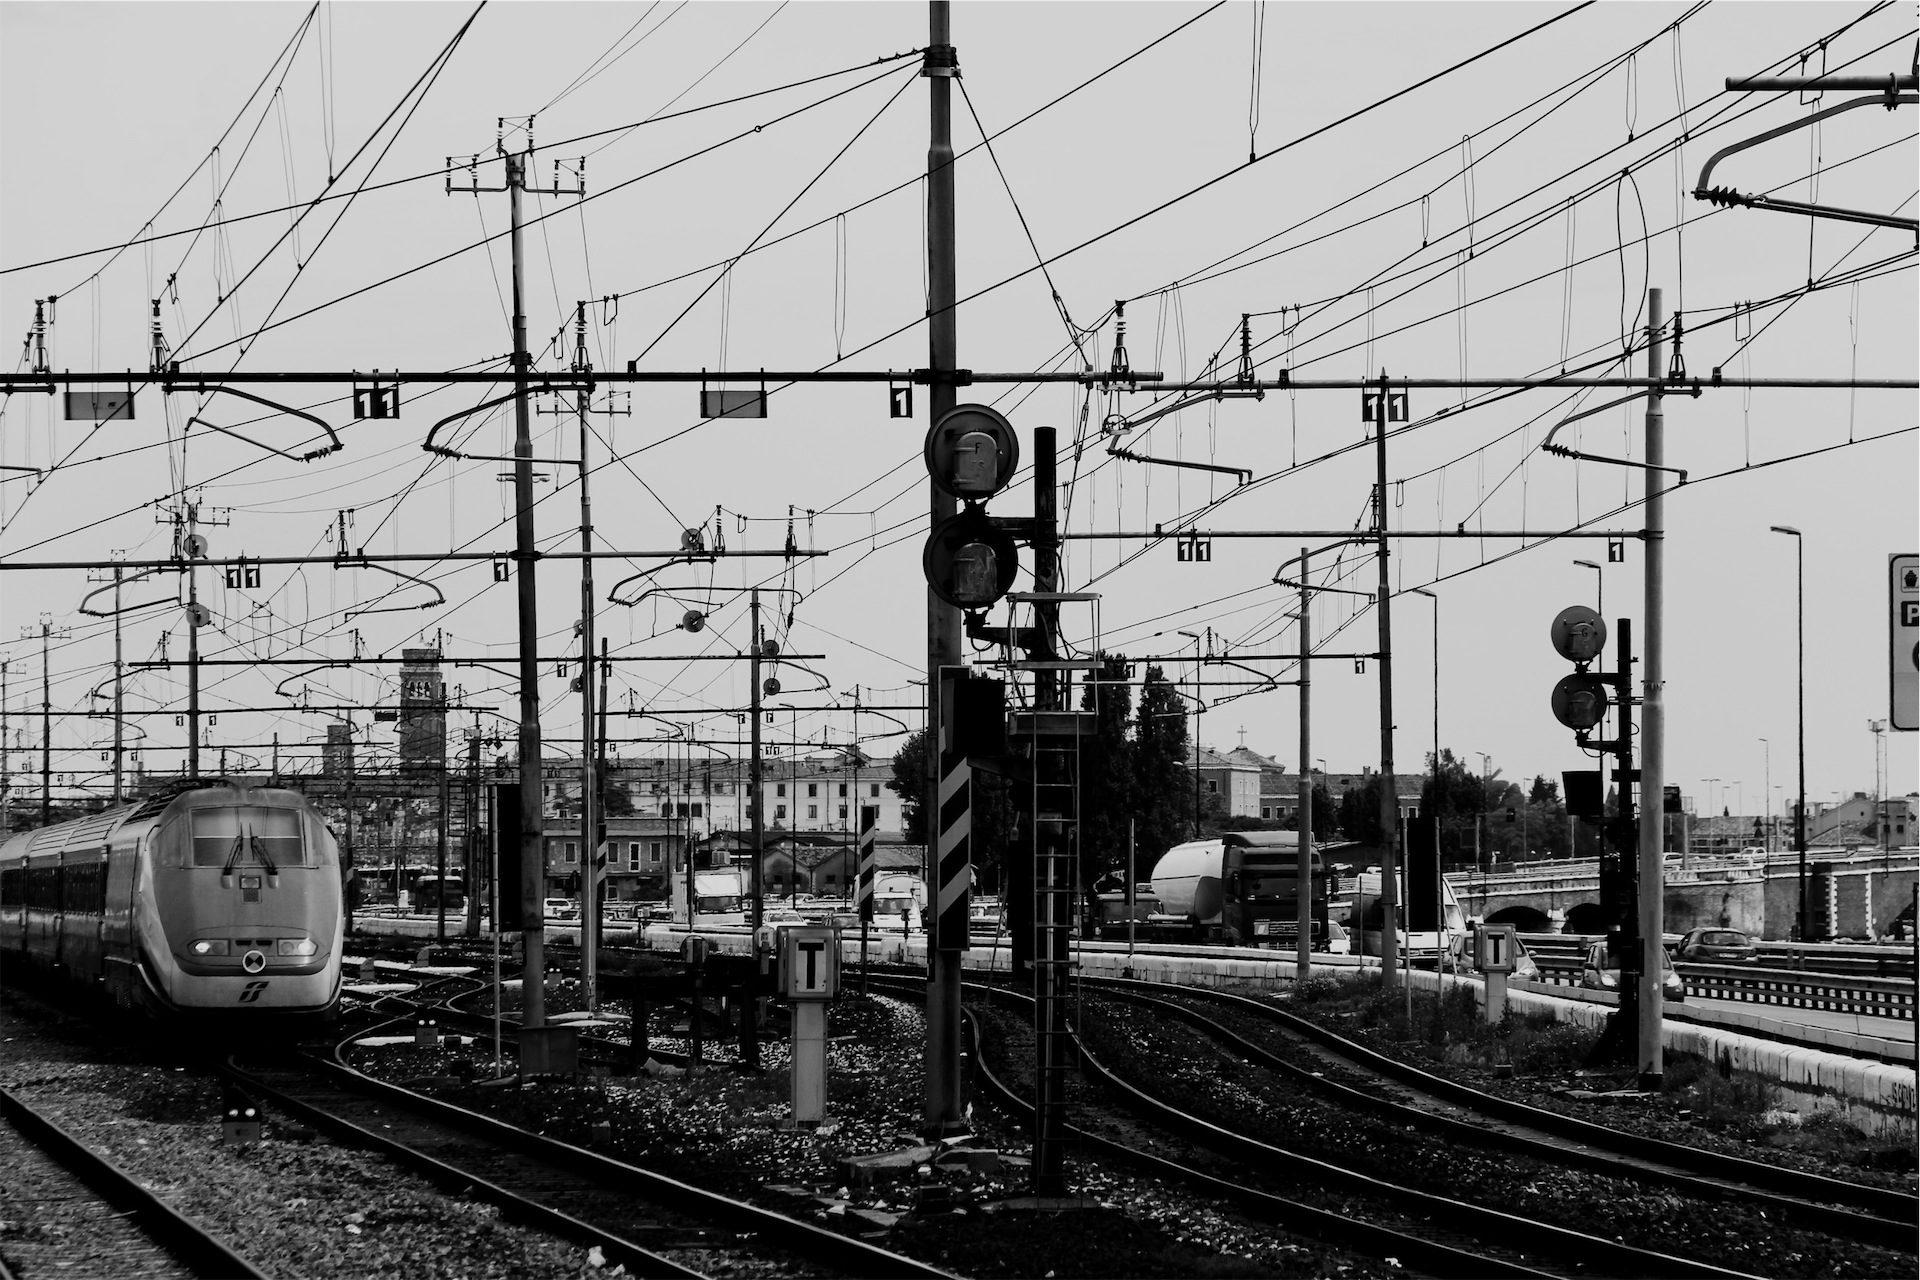 τρένο, σιδηρόδρομος, μονοπάτια, αλυσοειδείς, ηλεκτρική ενέργεια - Wallpapers HD - Professor-falken.com